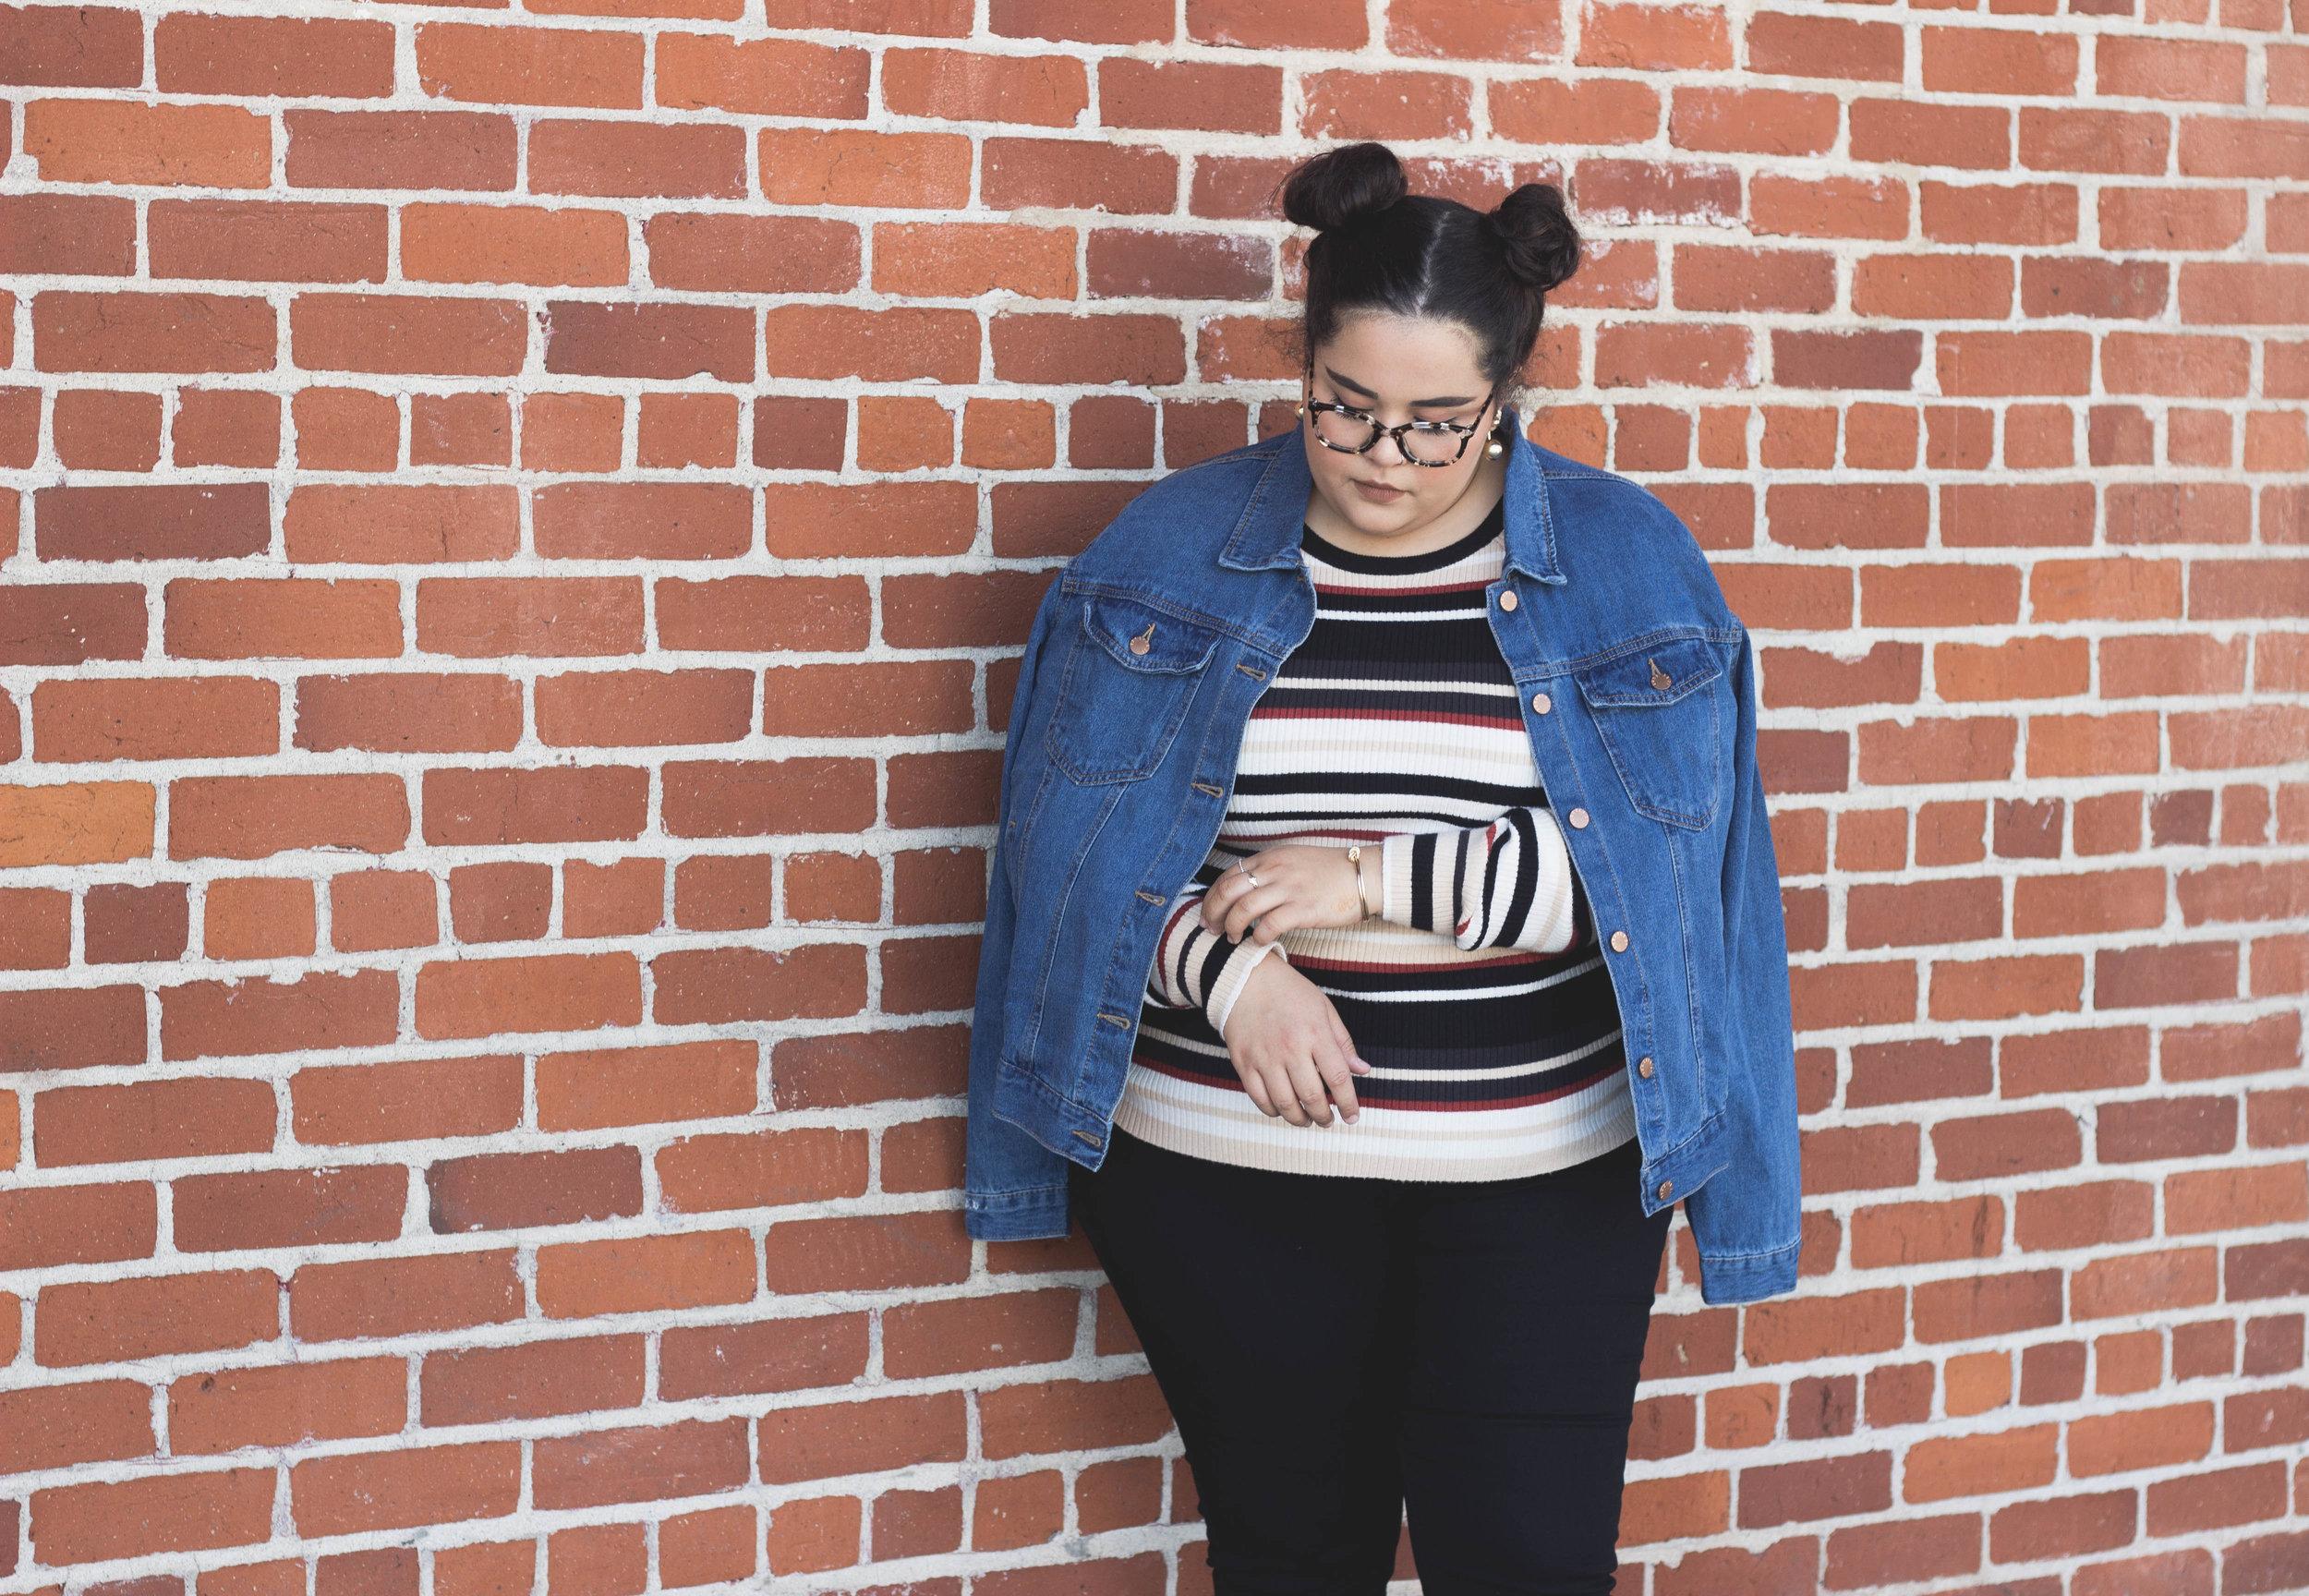 stripedsweaterredbackpack (17 of 27).jpg